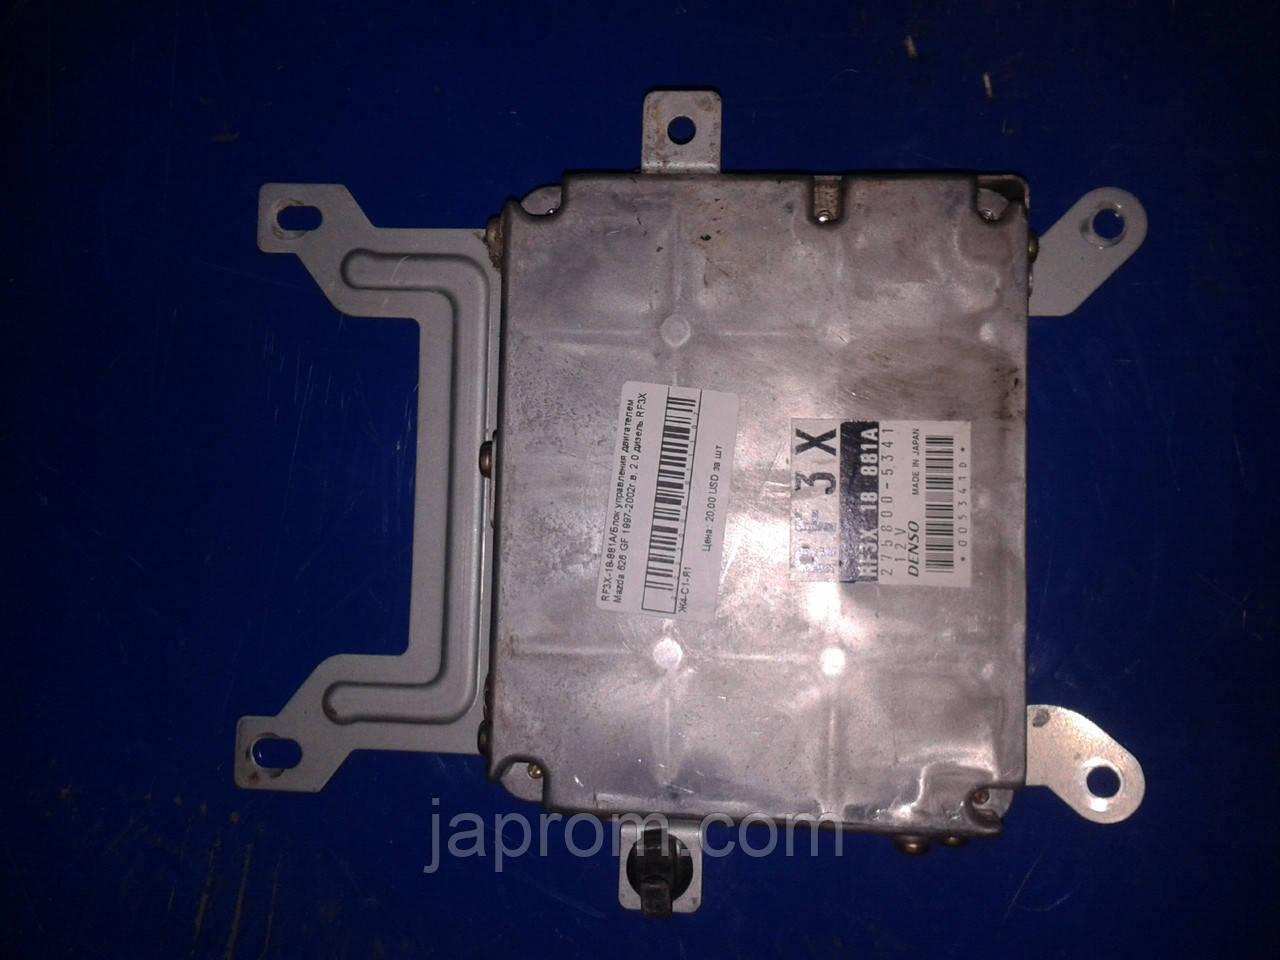 Блок управления двигателем Mazda 626 GF 1997-2002г.в. 2.0 дизель RF3X